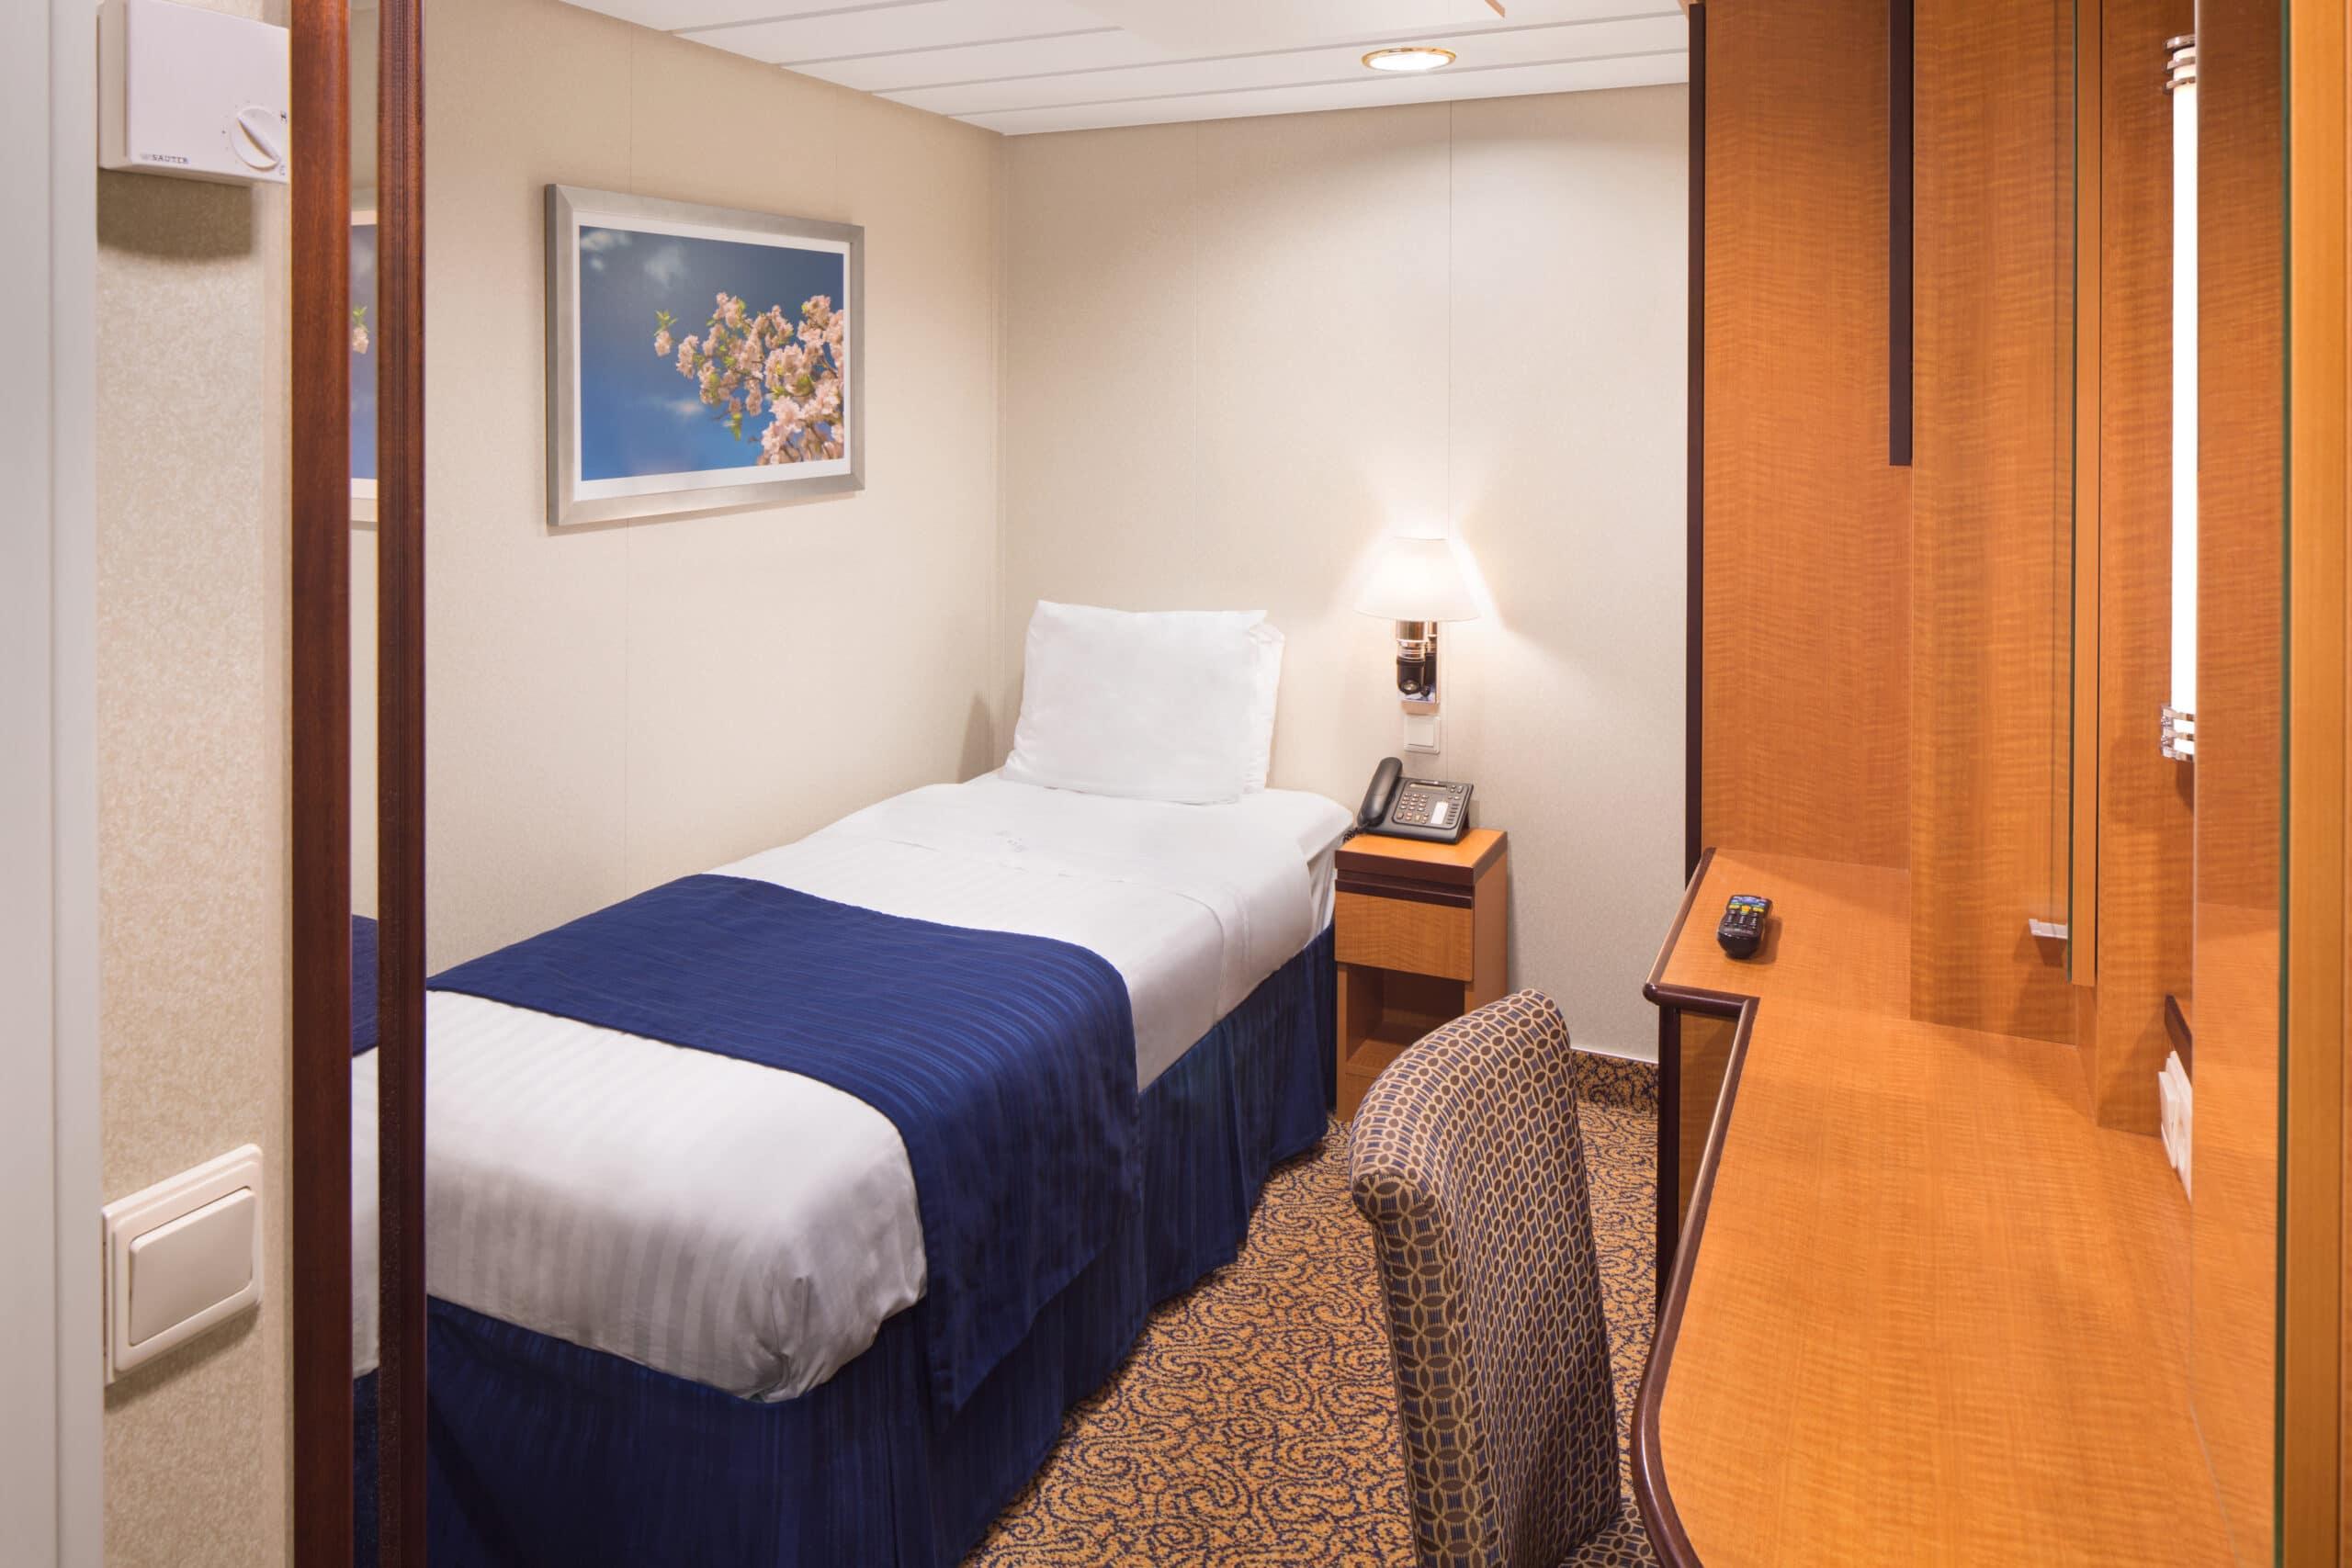 Royal-Caribbean-International-Serenade-of-the-Seas-schip-cruiseschip-categorie-2W-Studio-binnenhut